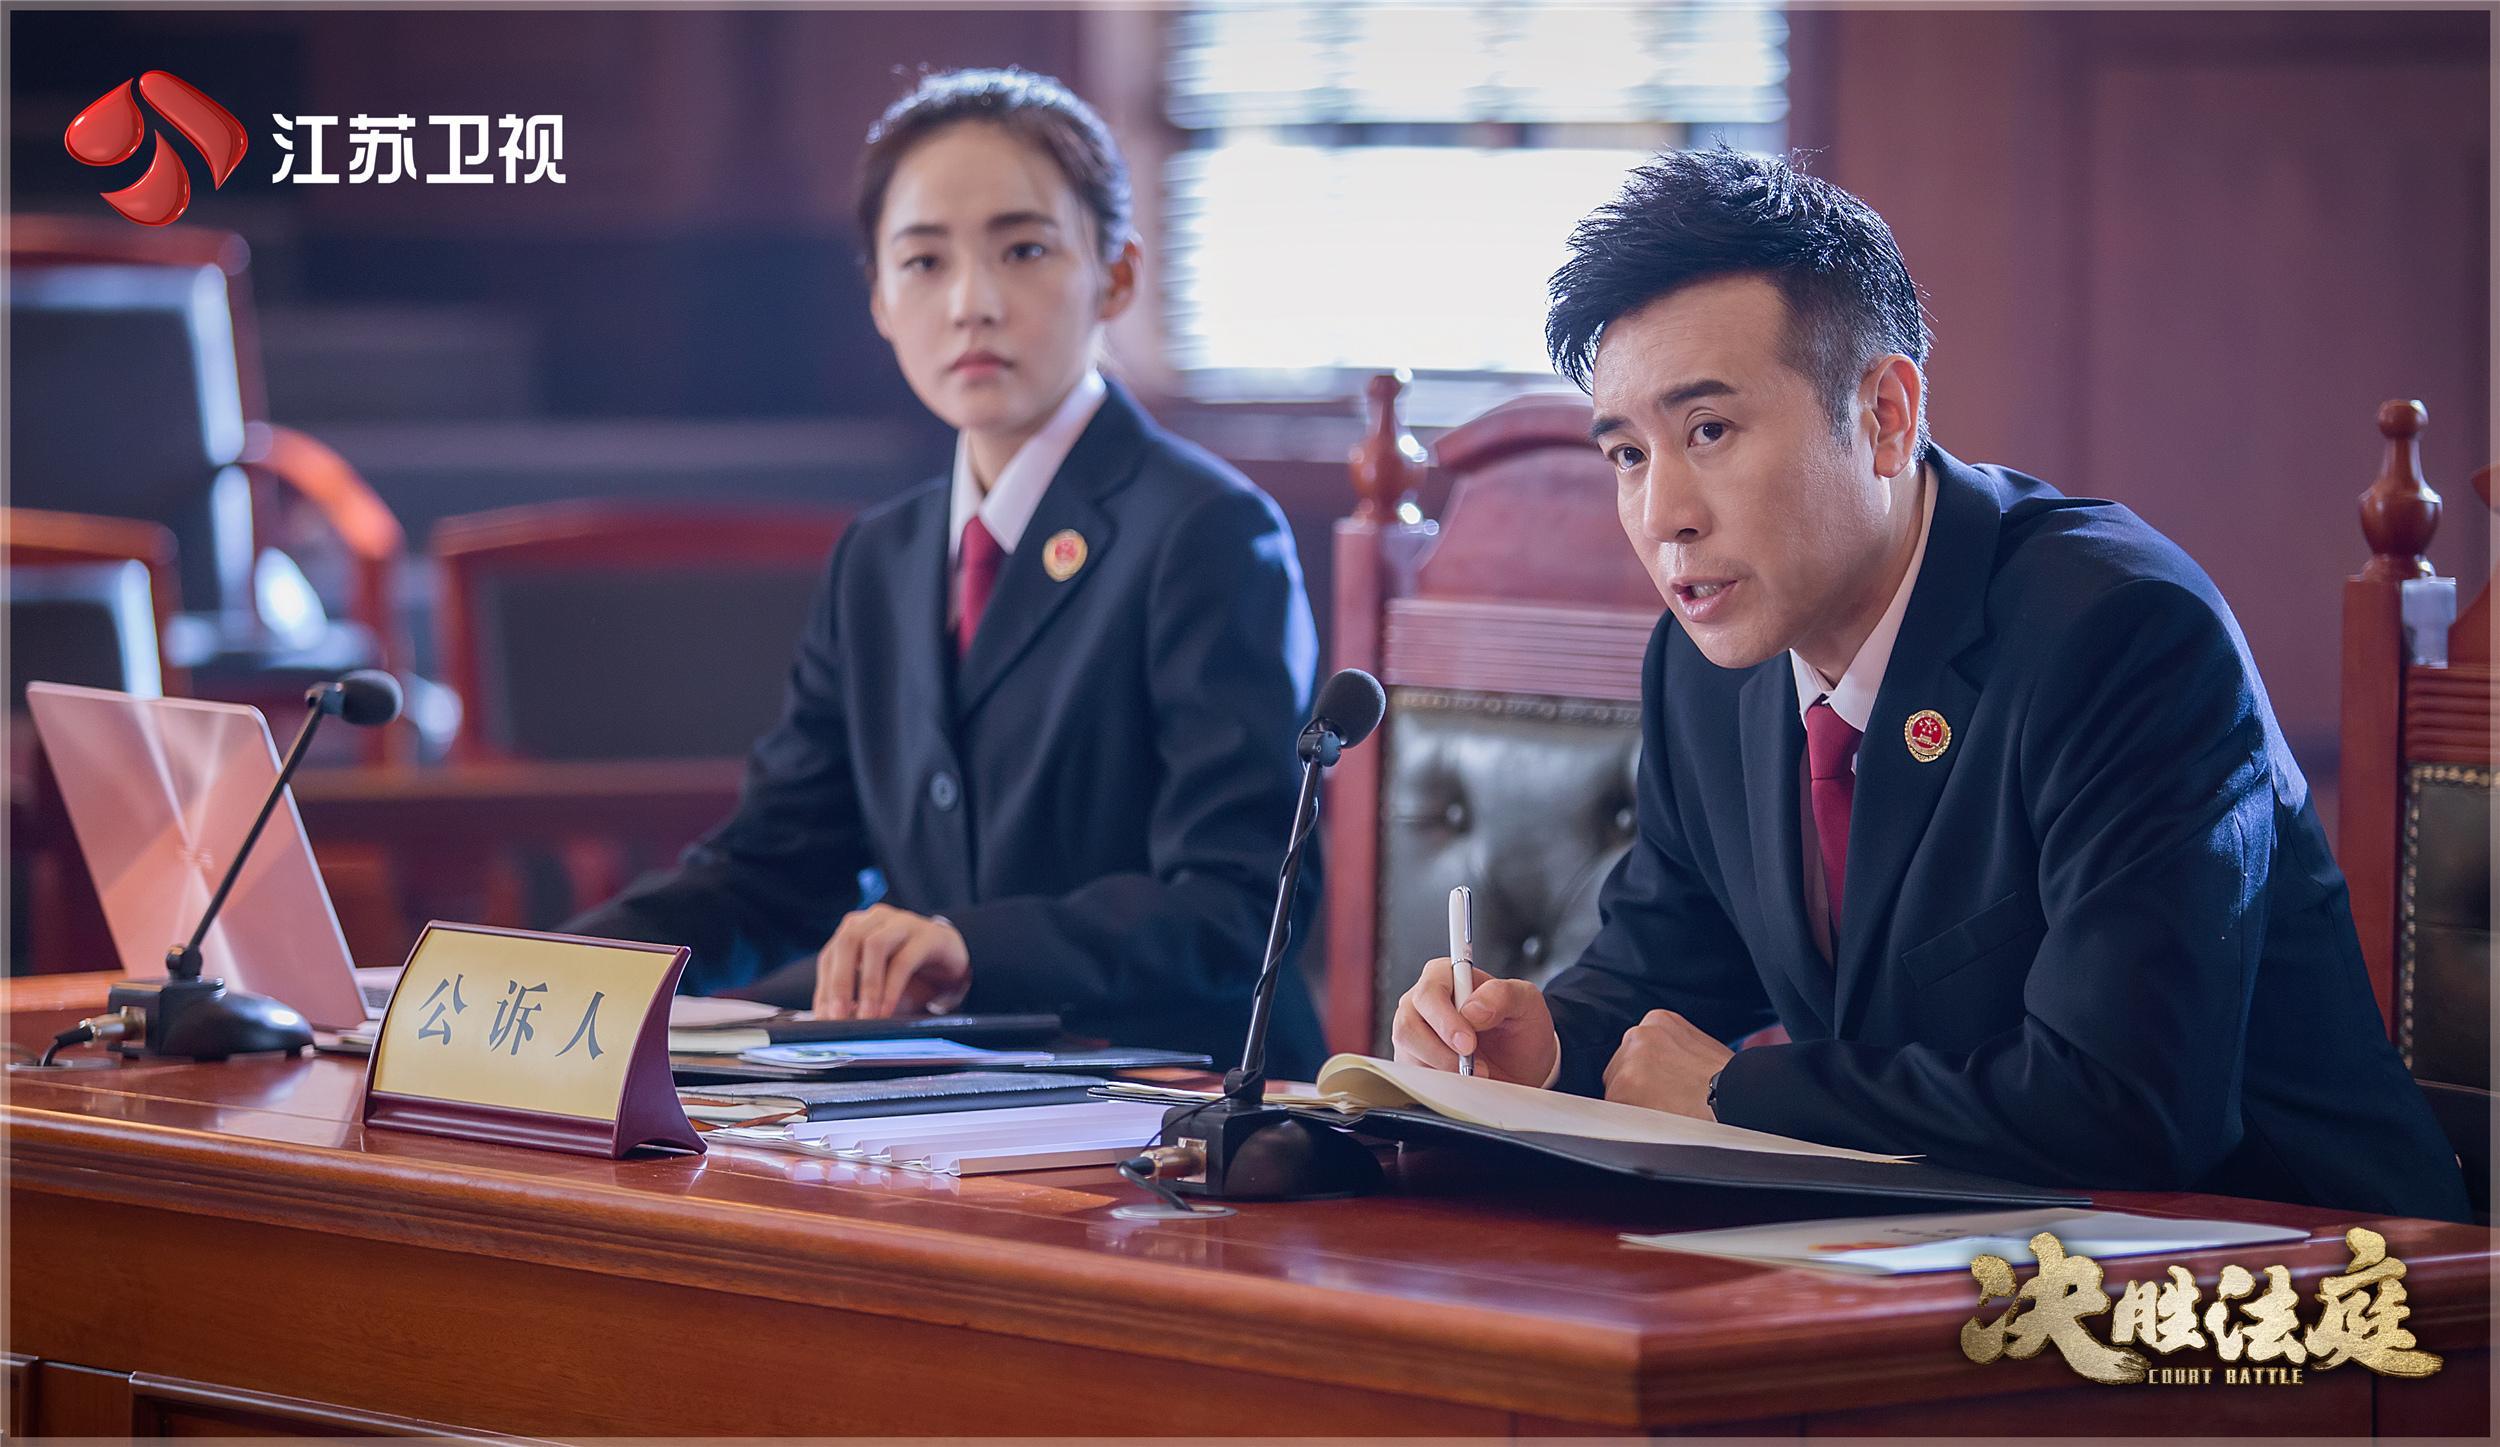 《決勝法庭》今晚開播,于和偉領銜眾實力派演員詮釋檢察官風采